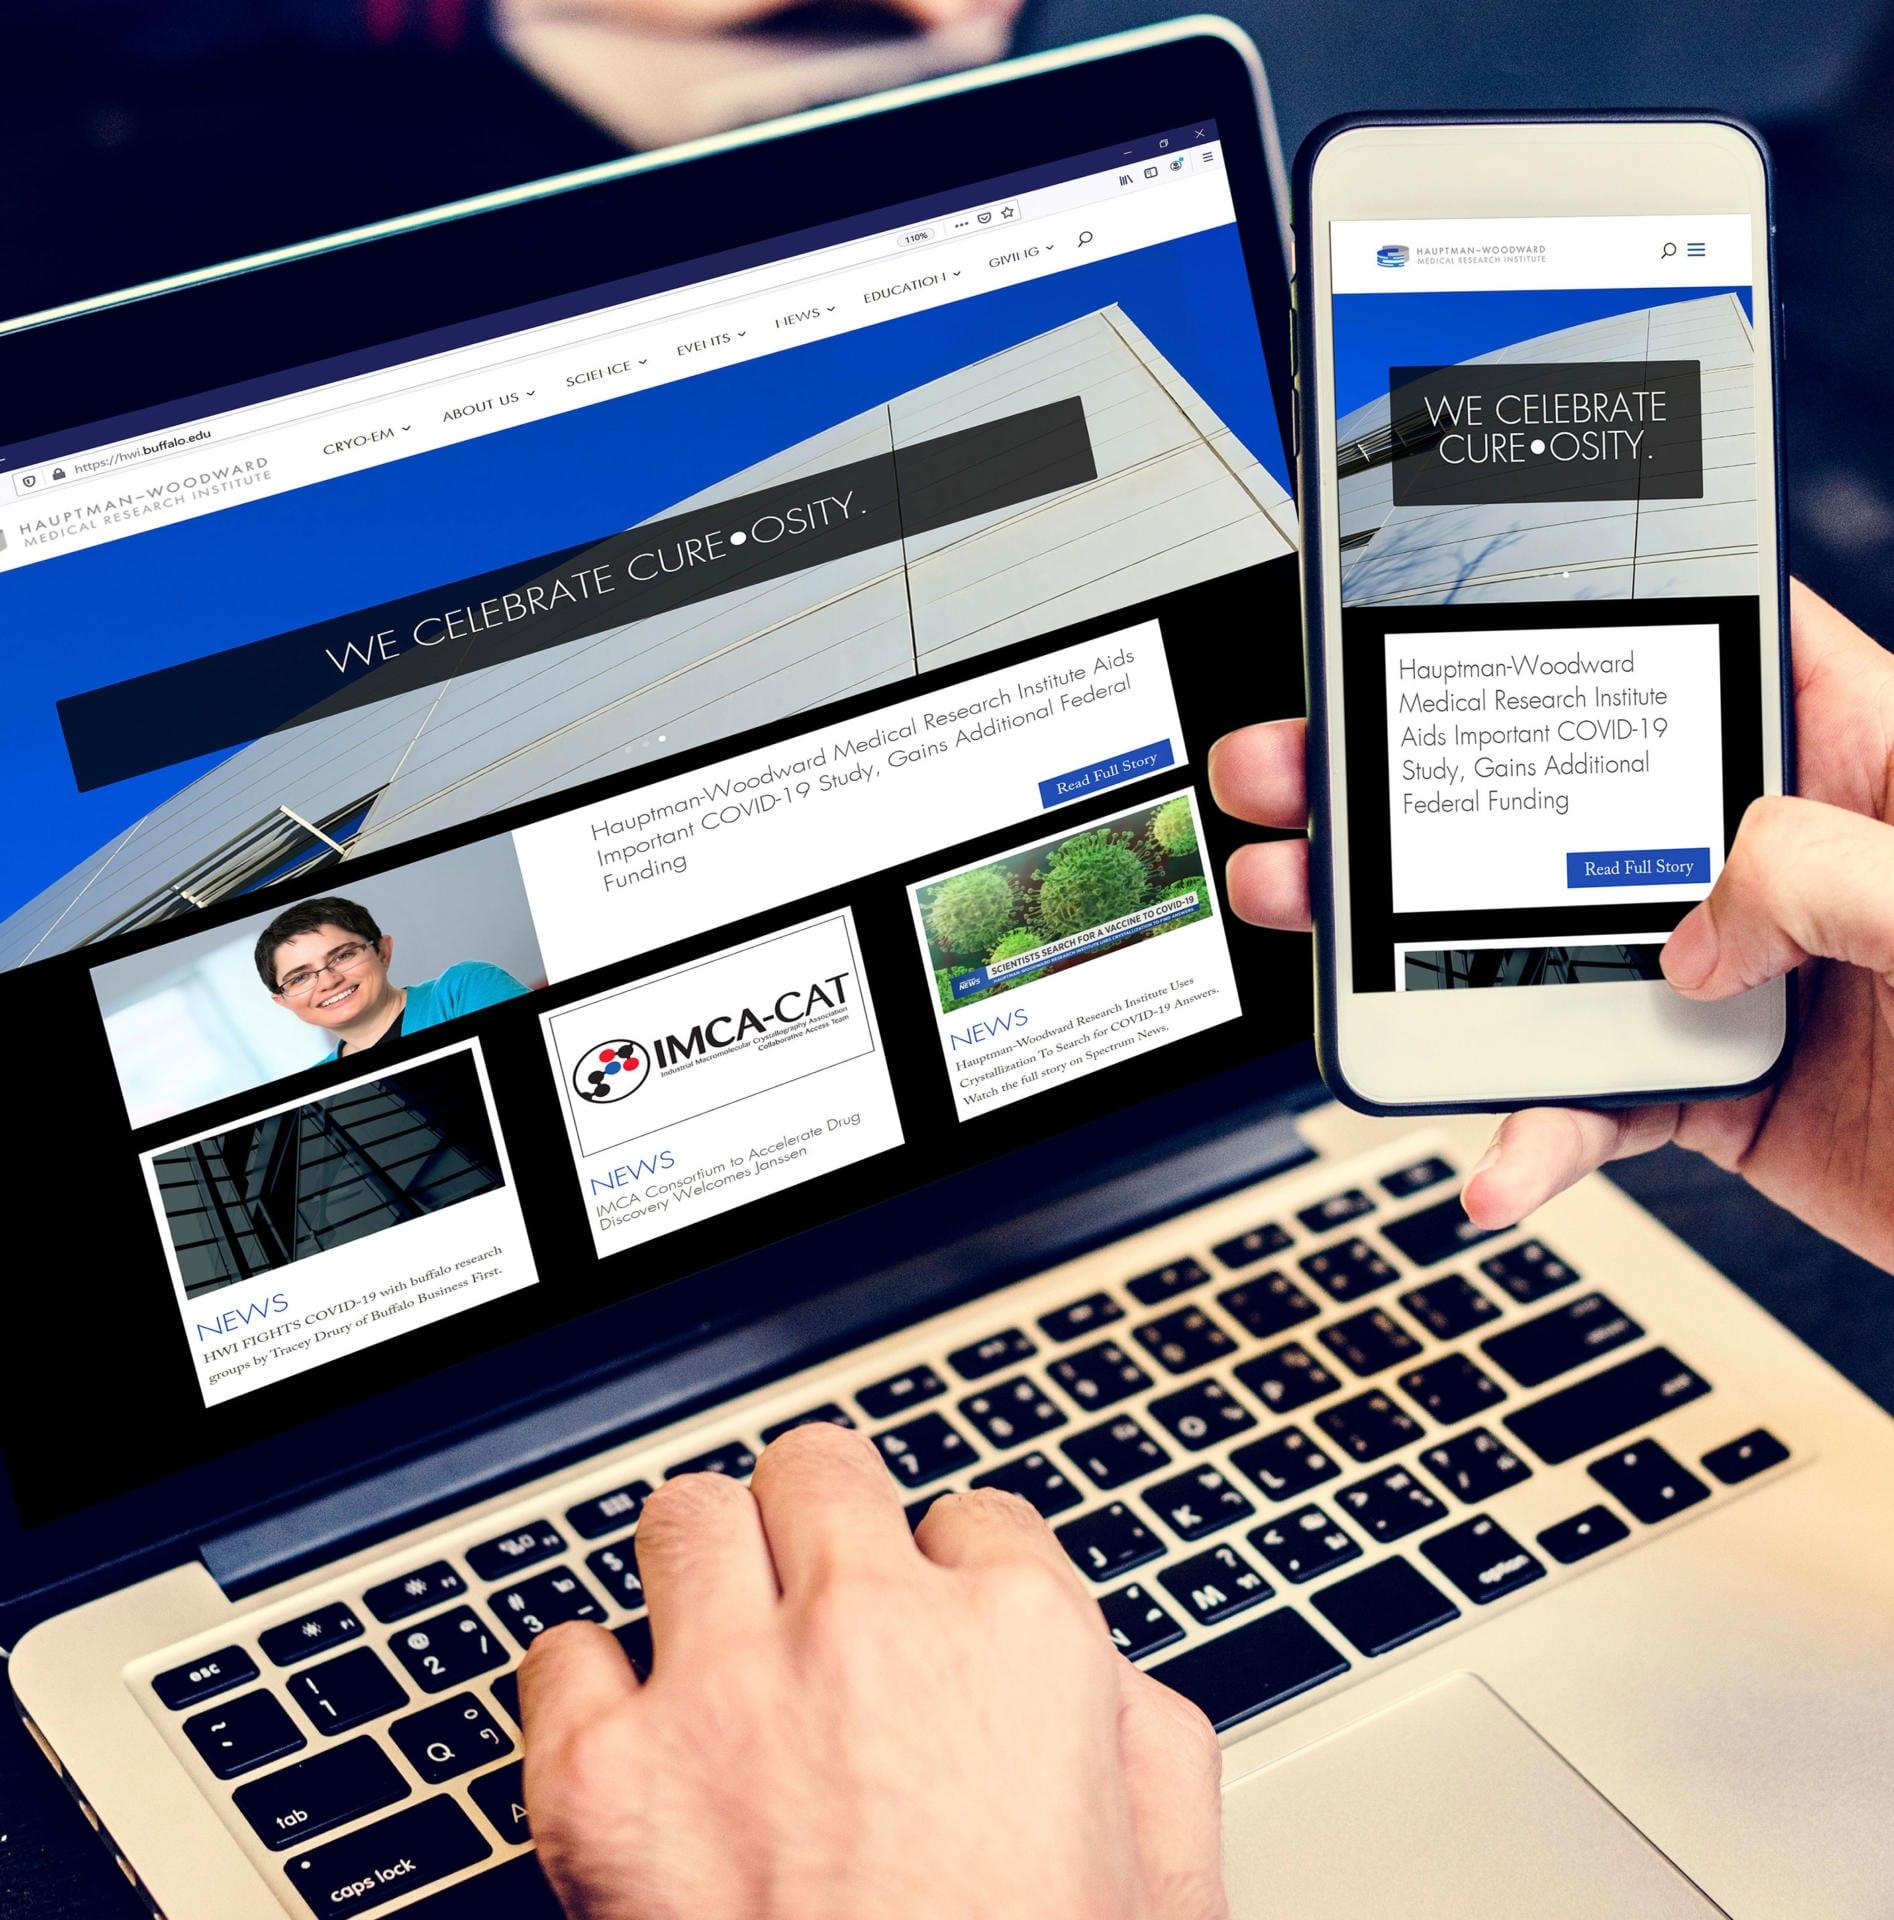 Buffalo Web Design Image of HWI Website